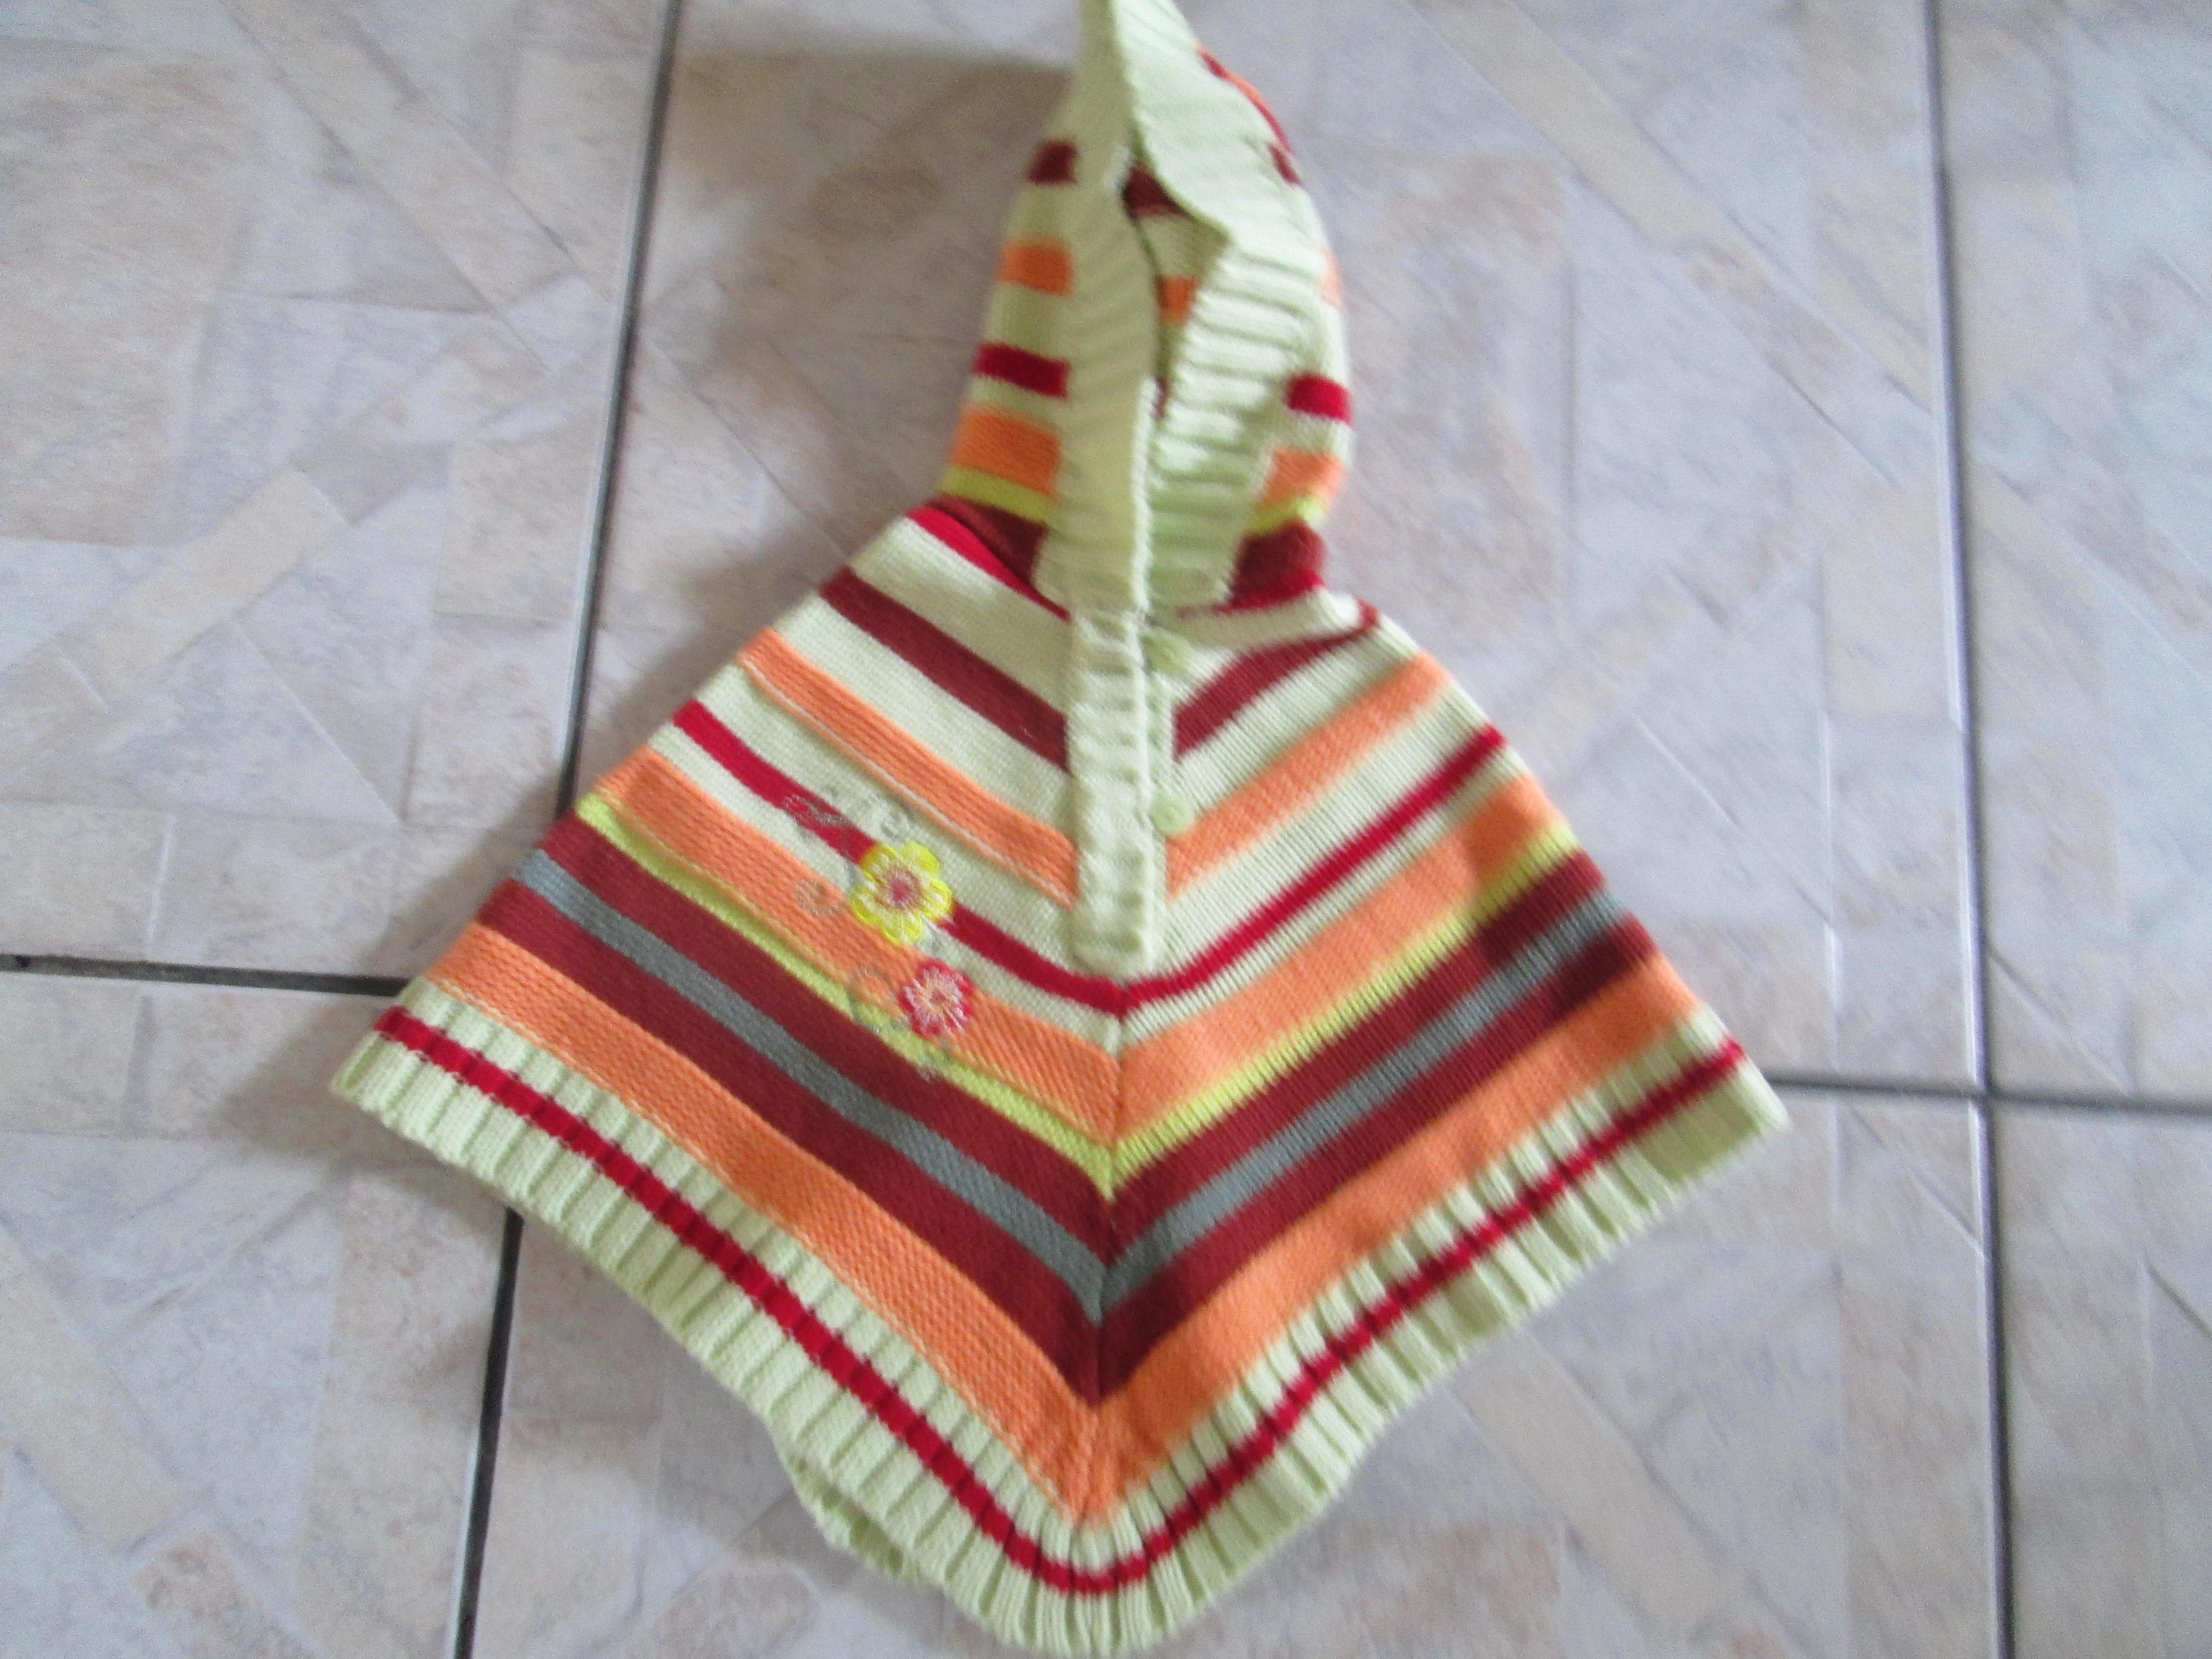 troc de troc poncho laine a capuche 3 mois   6 noisettes image 0